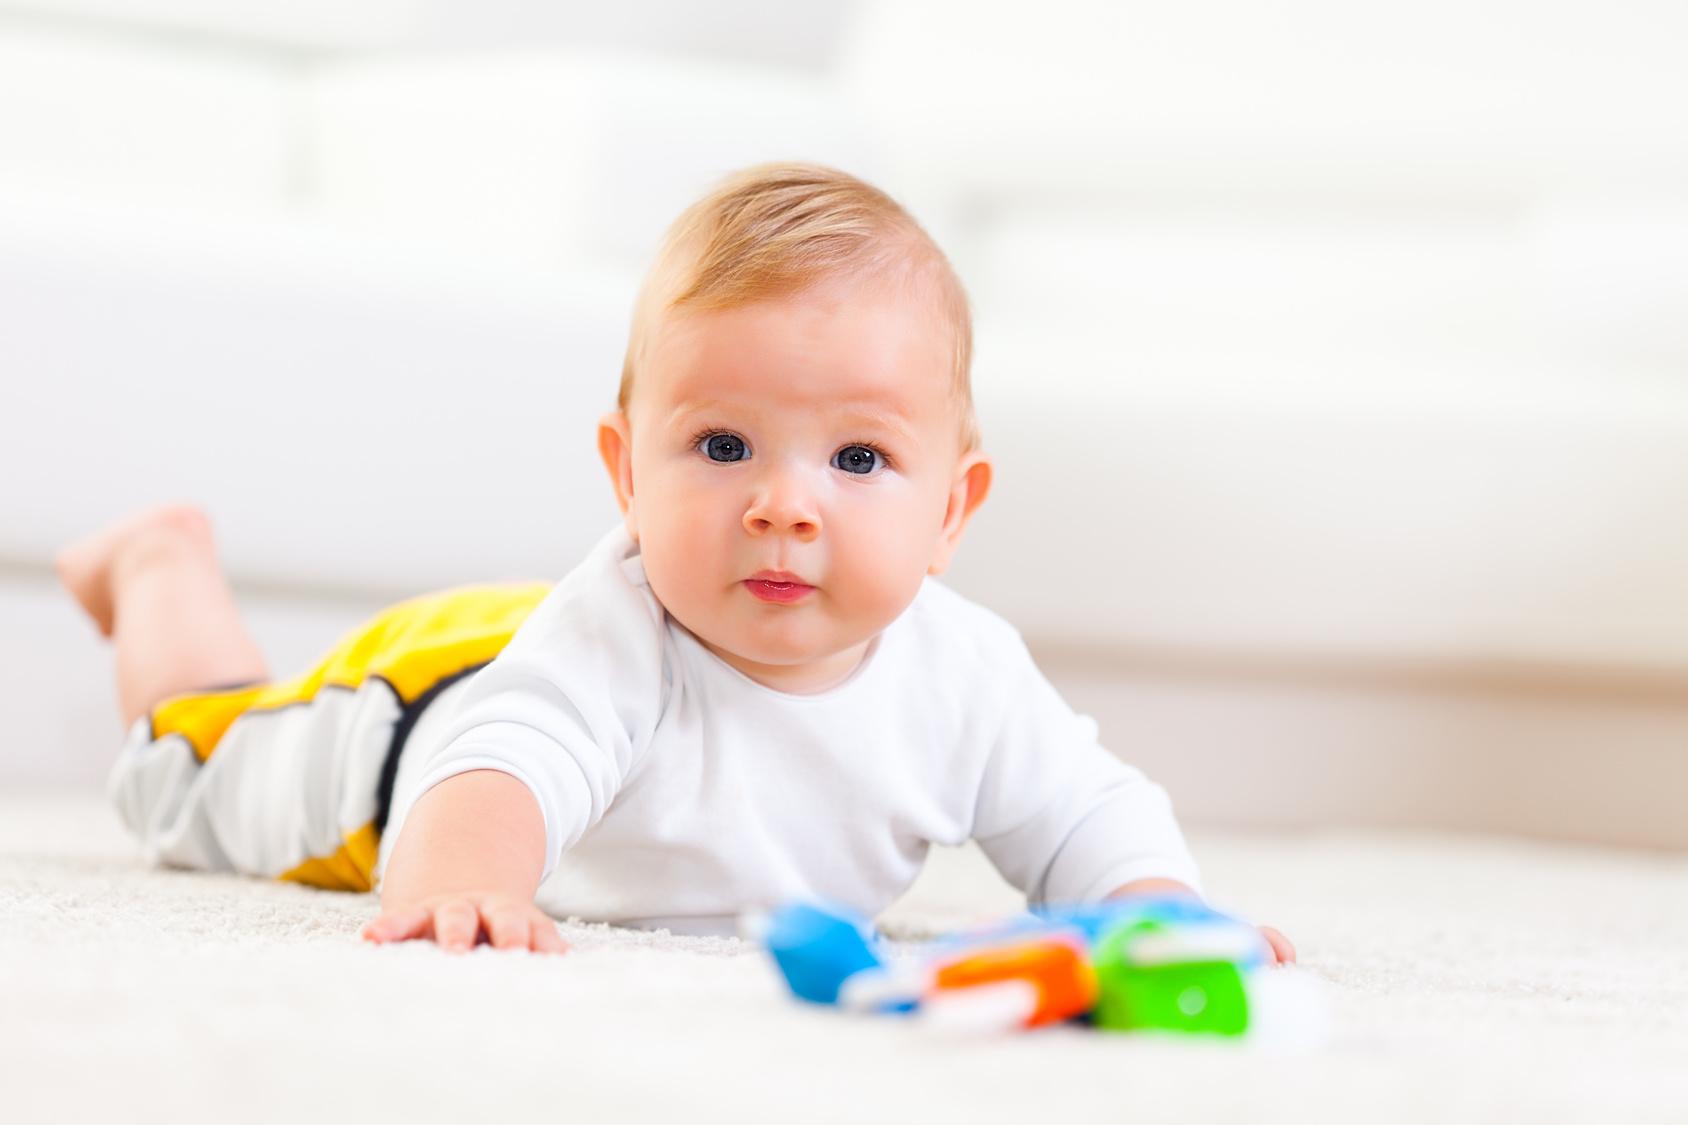 Pr venir les accidents domestiques une priorit de chaque - Accidents domestiques chez les enfants ...